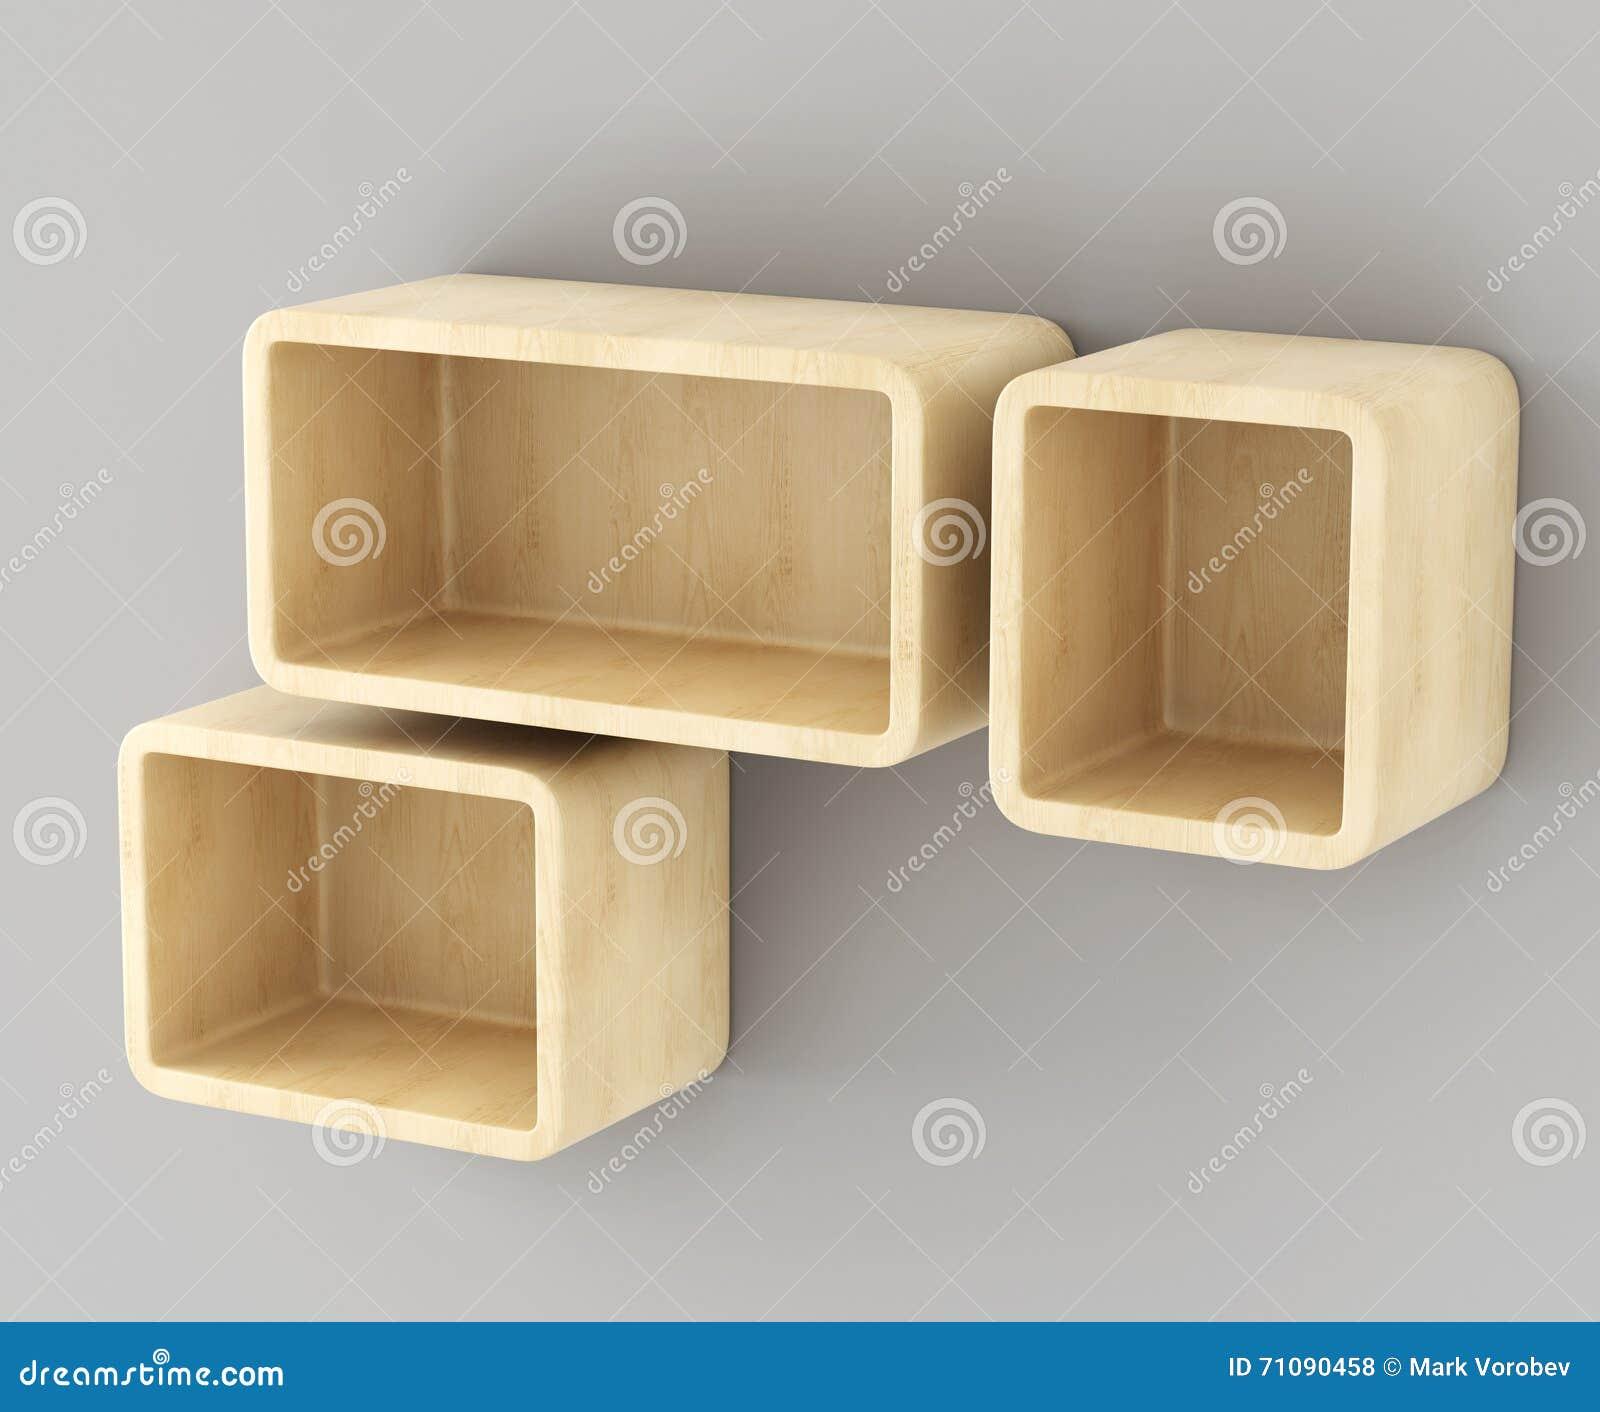 Plank Aan Muur Hangen.Houten Planken Die Op De Muur Hangen 3d Stock Illustratie